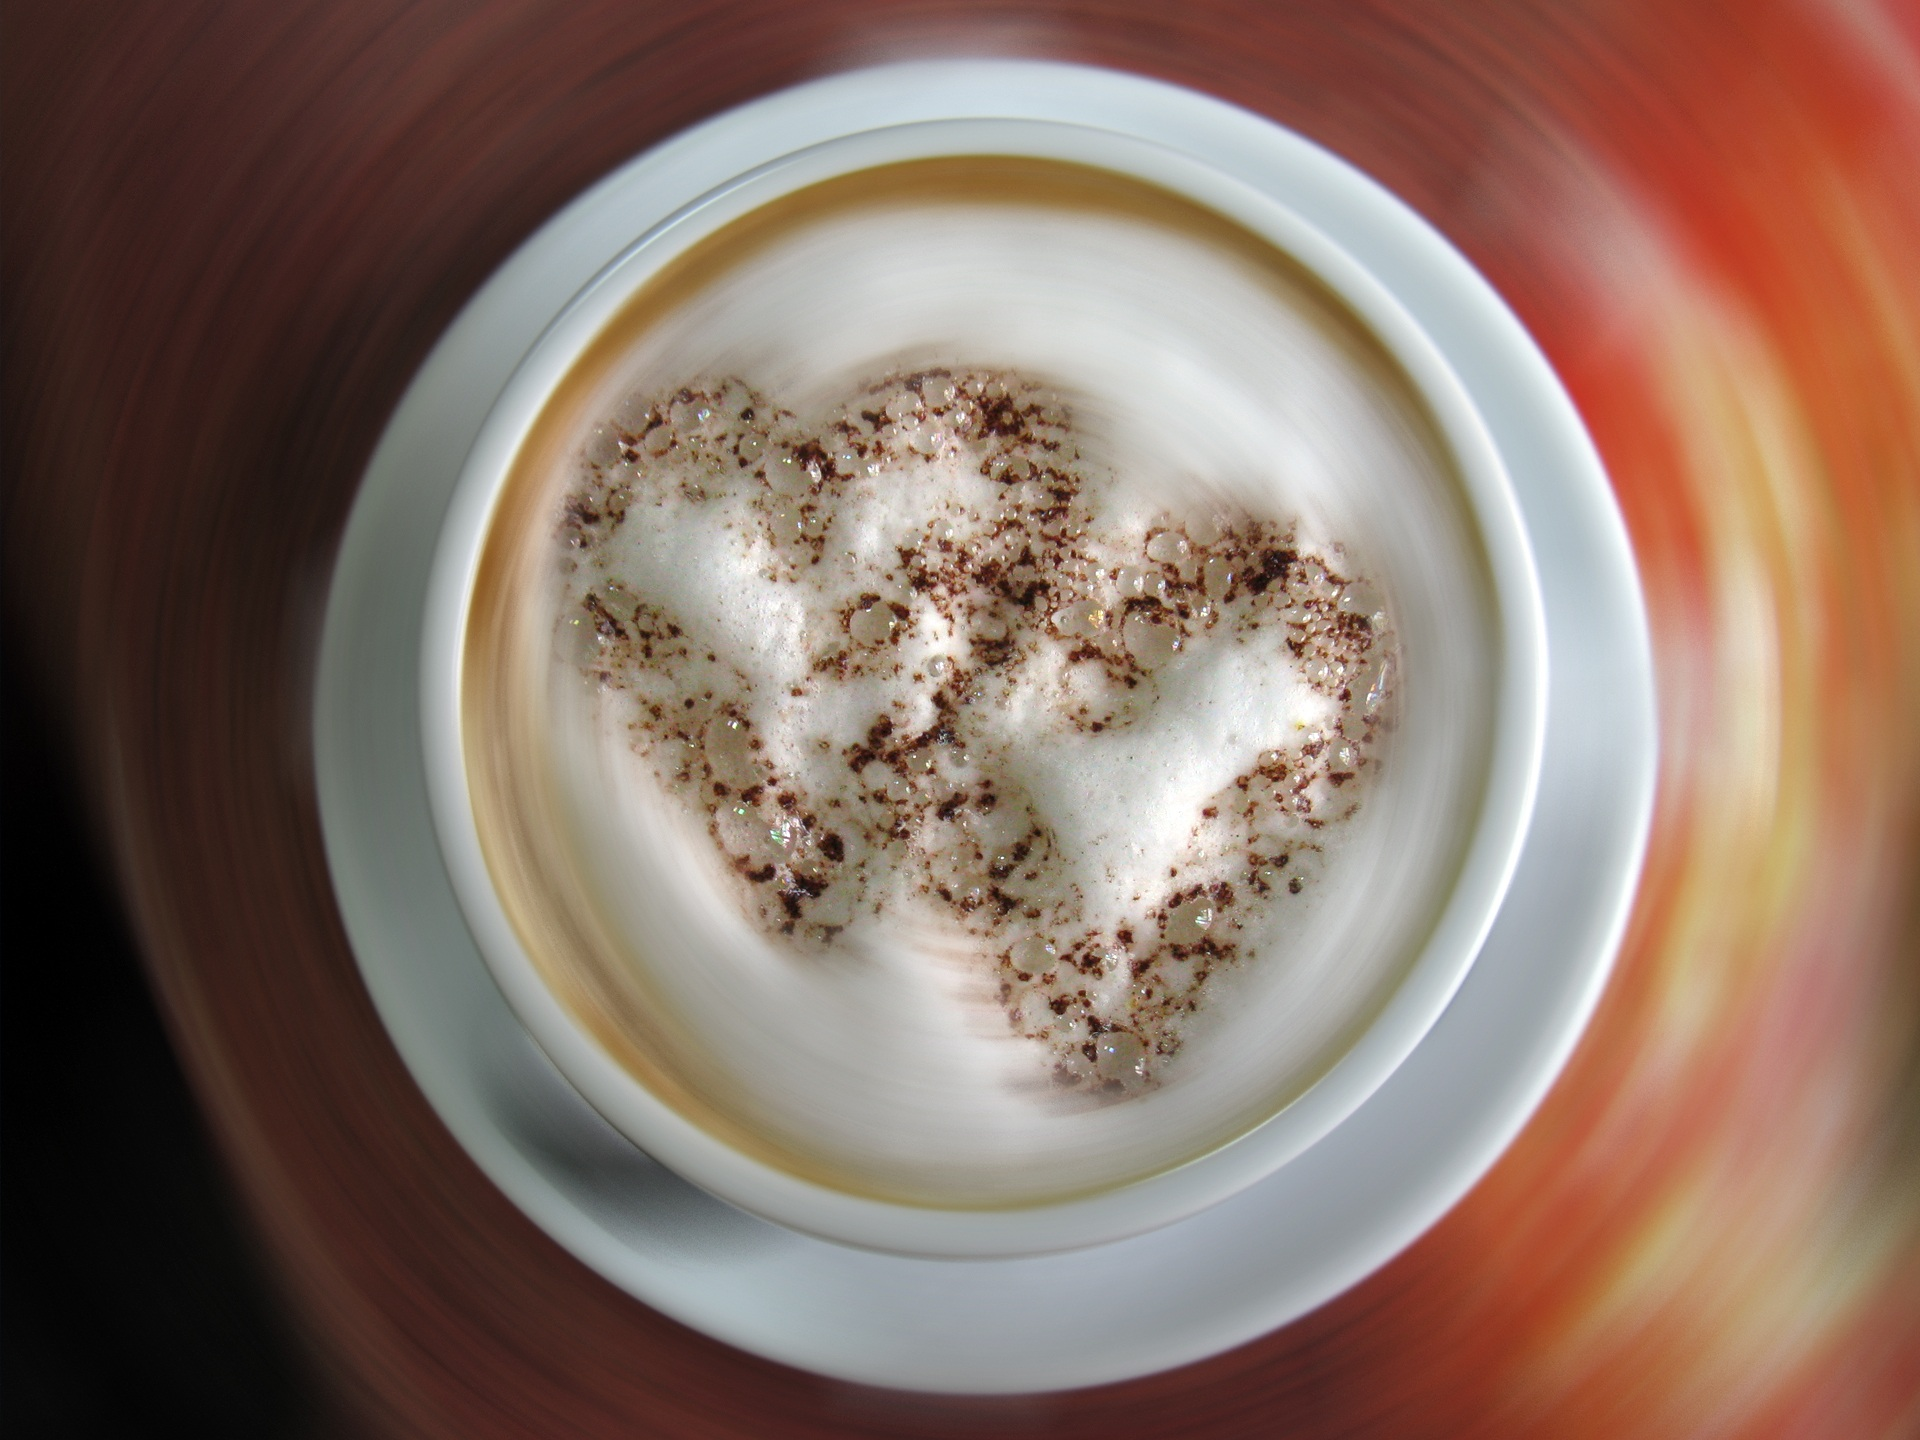 вот кофе с молоком картинки красивые и с розами лагодаря таким